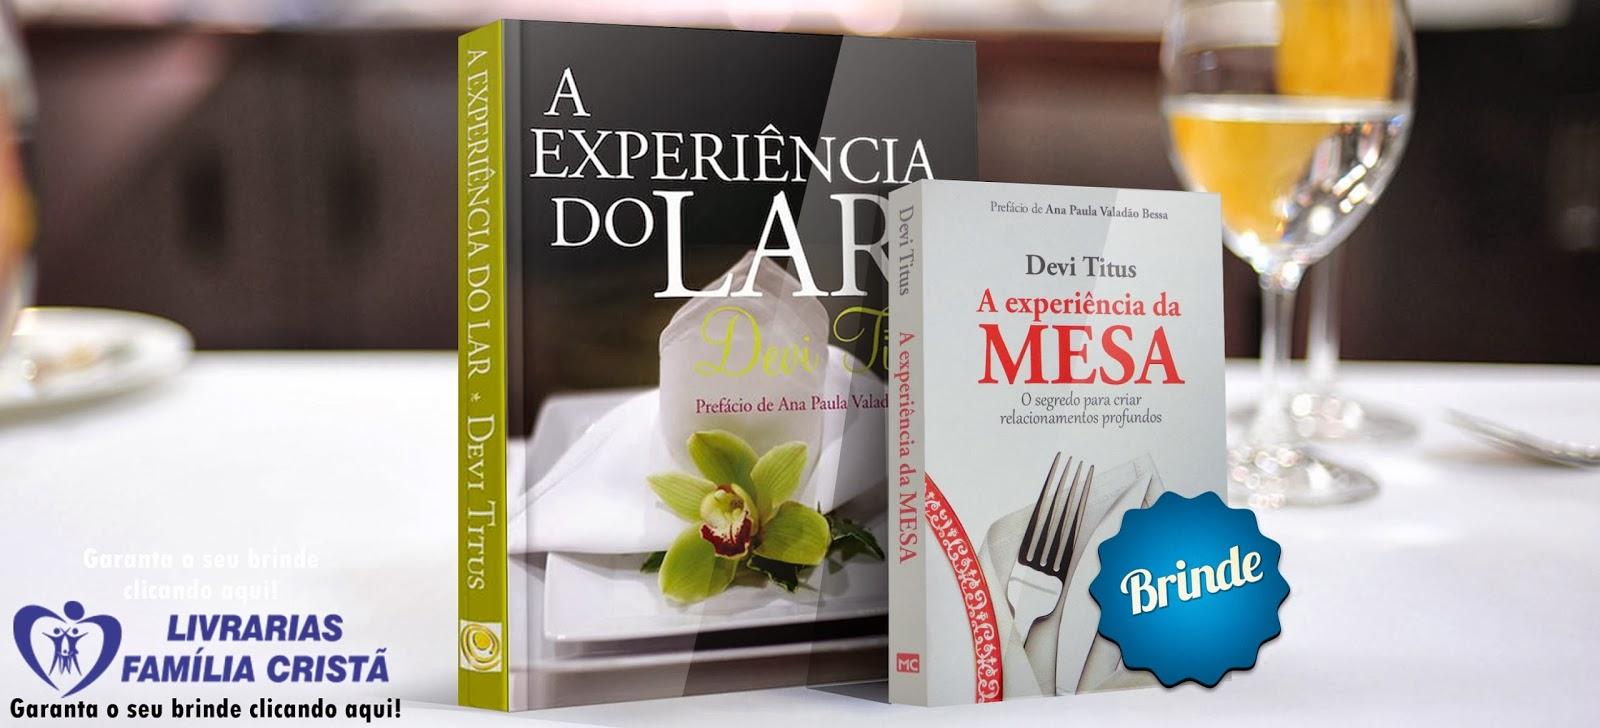 http://www.livrariasfamiliacrista.com.br/kit-a-experiencia-devi-titus.html